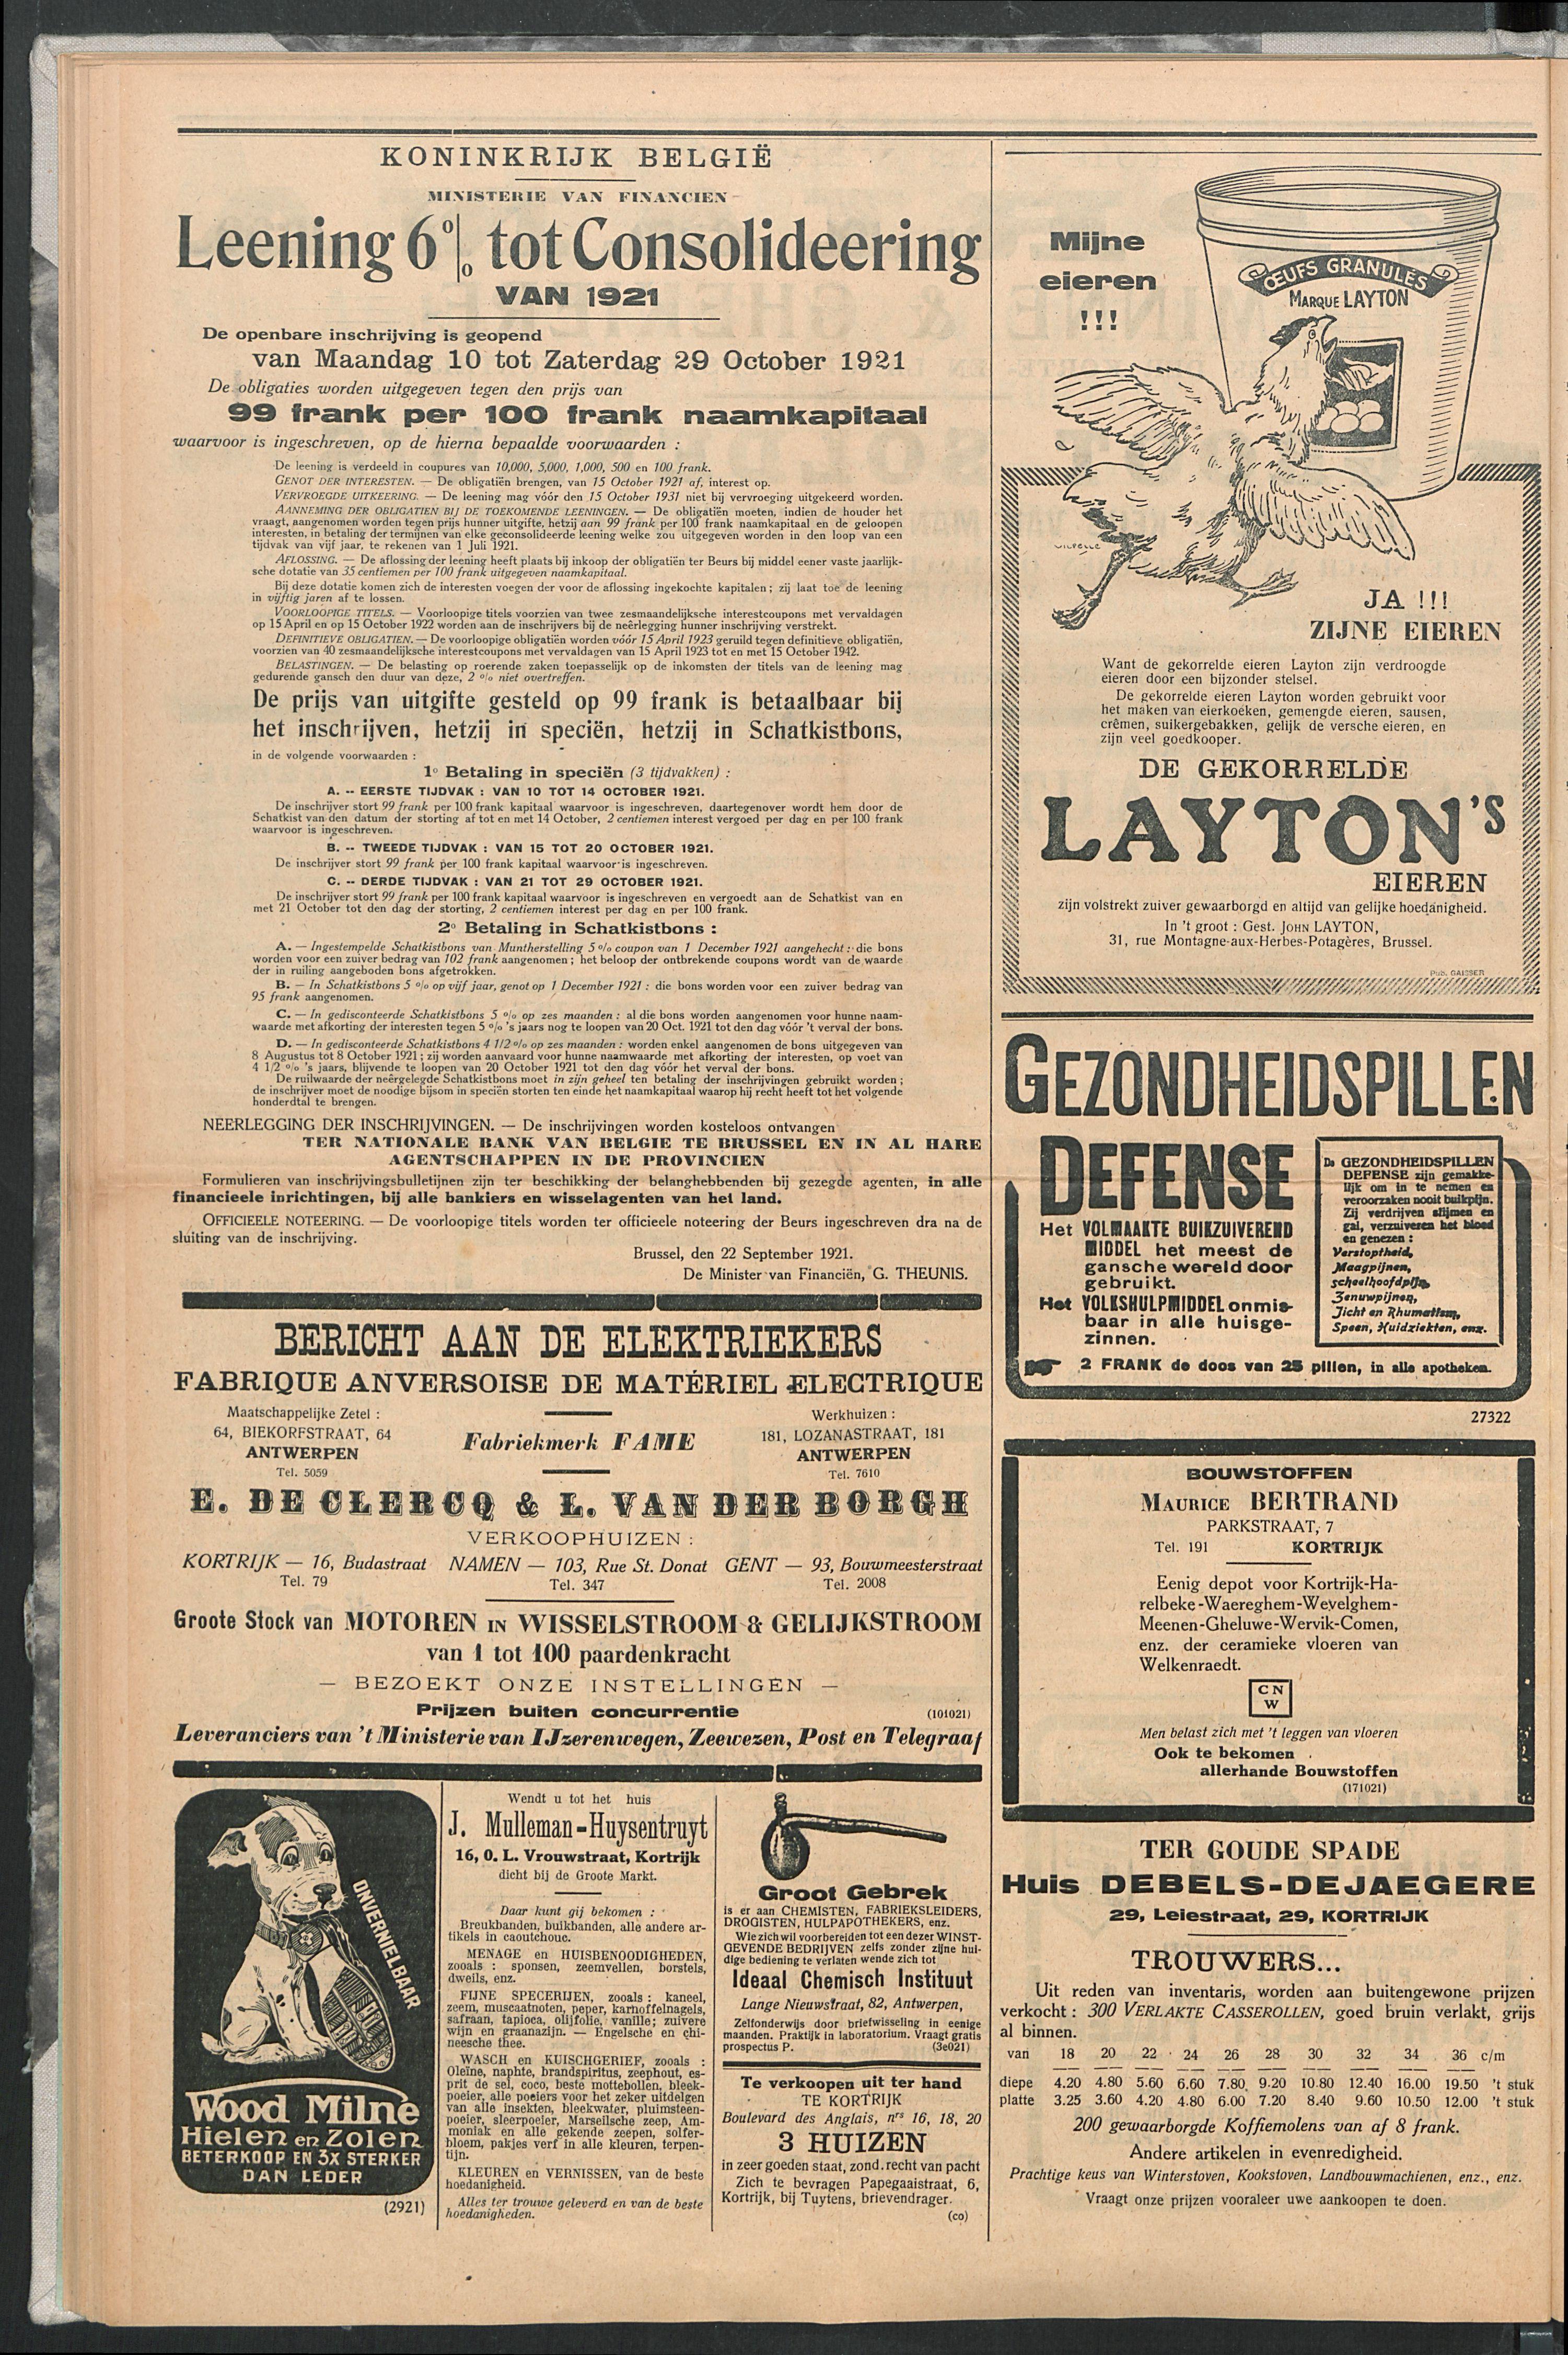 Het Kortrijksche Volk 1921-10-02 p6